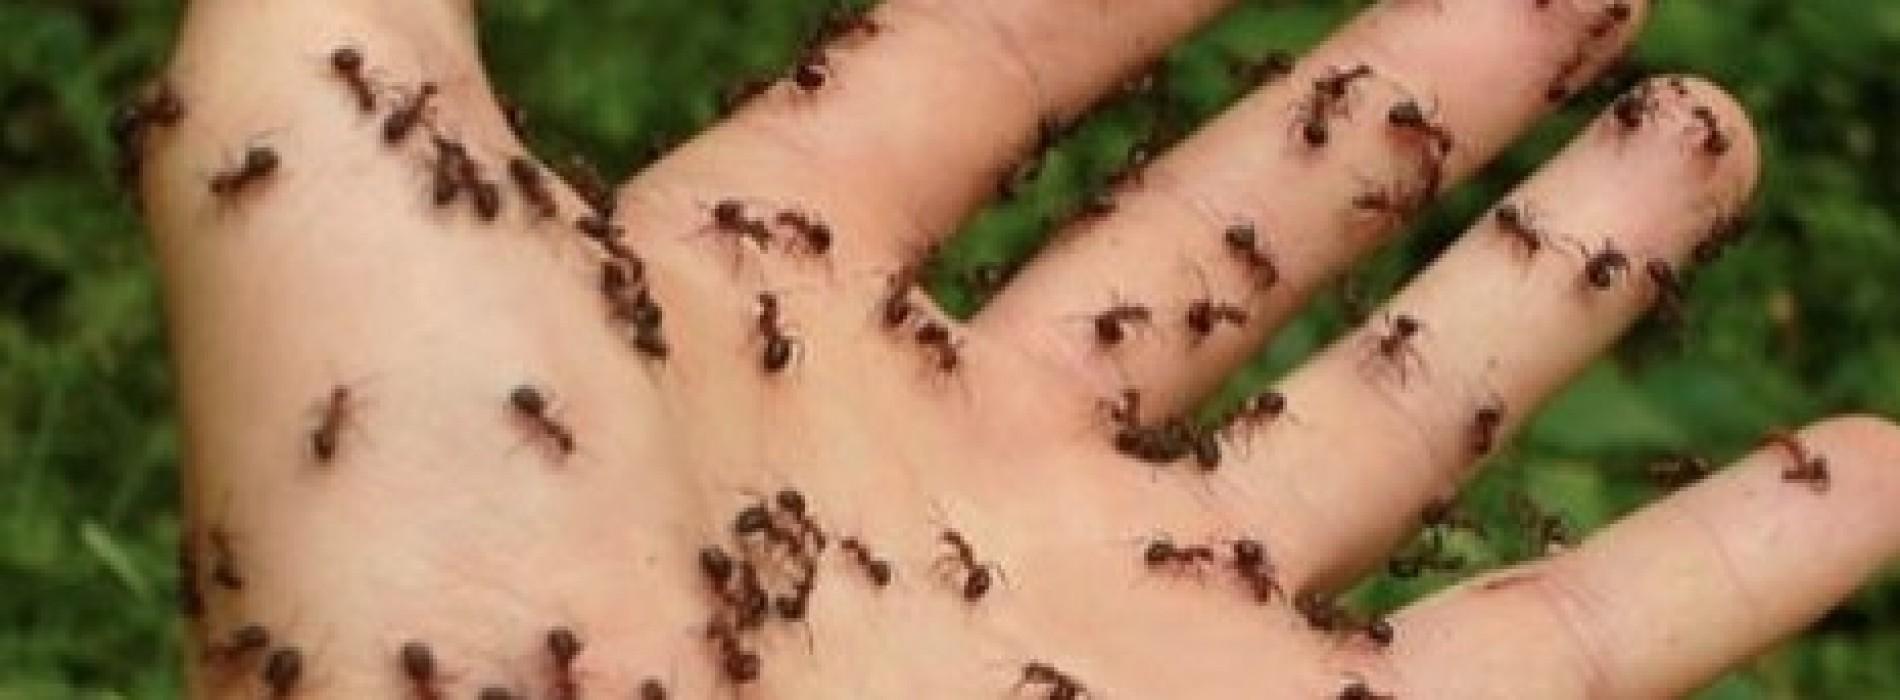 Reken af met die mieren door dit zelfgemaakte mengsel in je huis te spuiten!